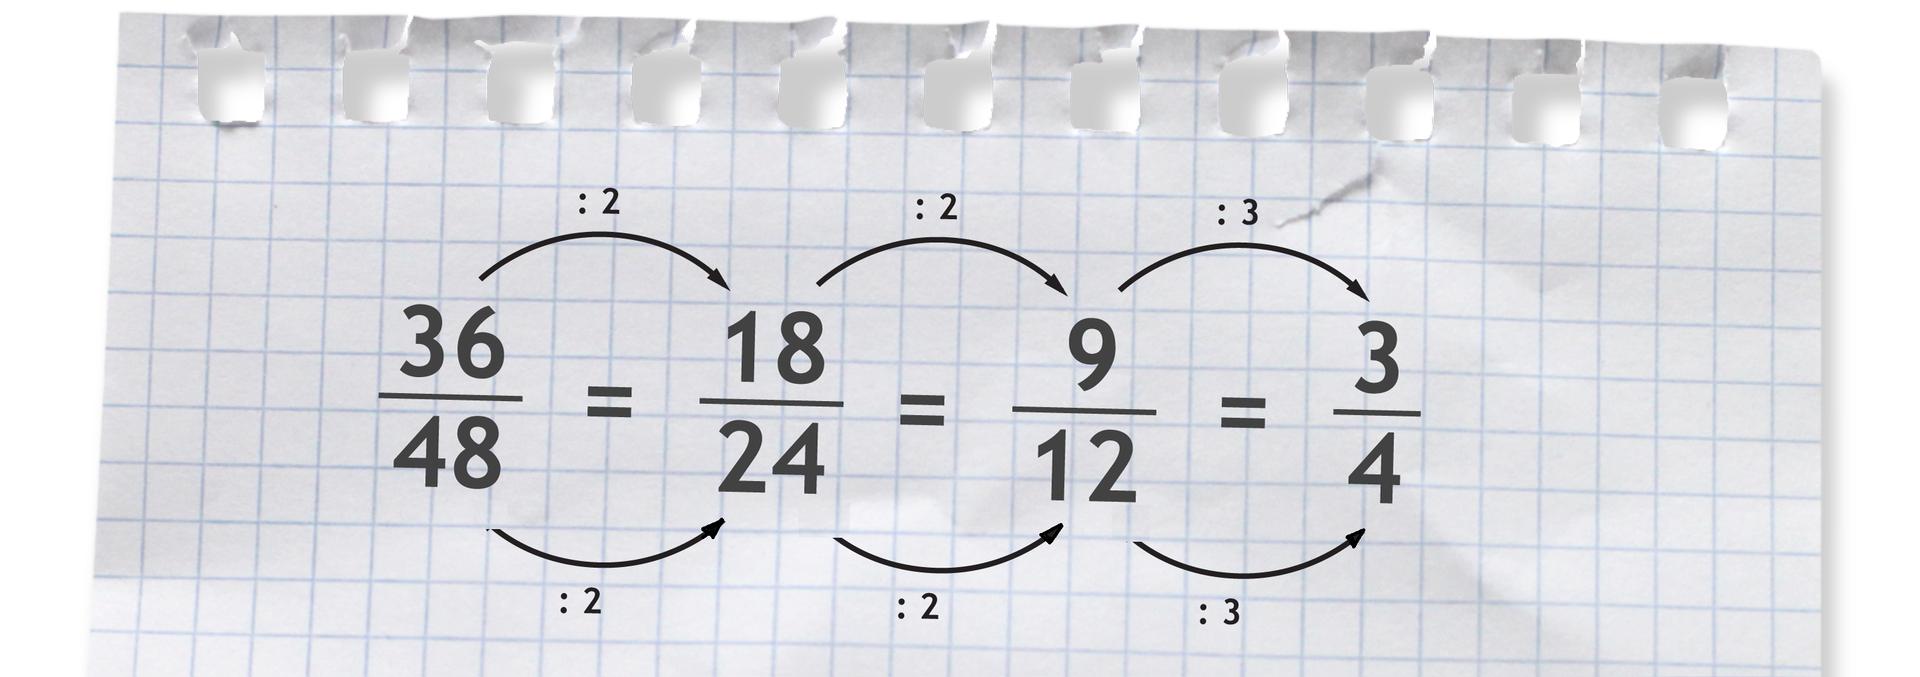 Przykład: ułamek trzydzieści sześć czterdziestych ósmych. Dzielimy licznik imianownik tego ułamka przez 2. Otrzymujemy ułamek osiemnaście dwudziestych czwartych. Dzielimy licznik imianownik tego ułamka przez 2. Otrzymujemy ułamek dziewięć dwunastych. Dzielimy licznik imianownik tego ułamka przez 3. Otrzymujemy ułamek trzy czwarte. Po skróceniu ułamek trzydzieści sześć czterdziestych ósmych równa się trzy czwarte.